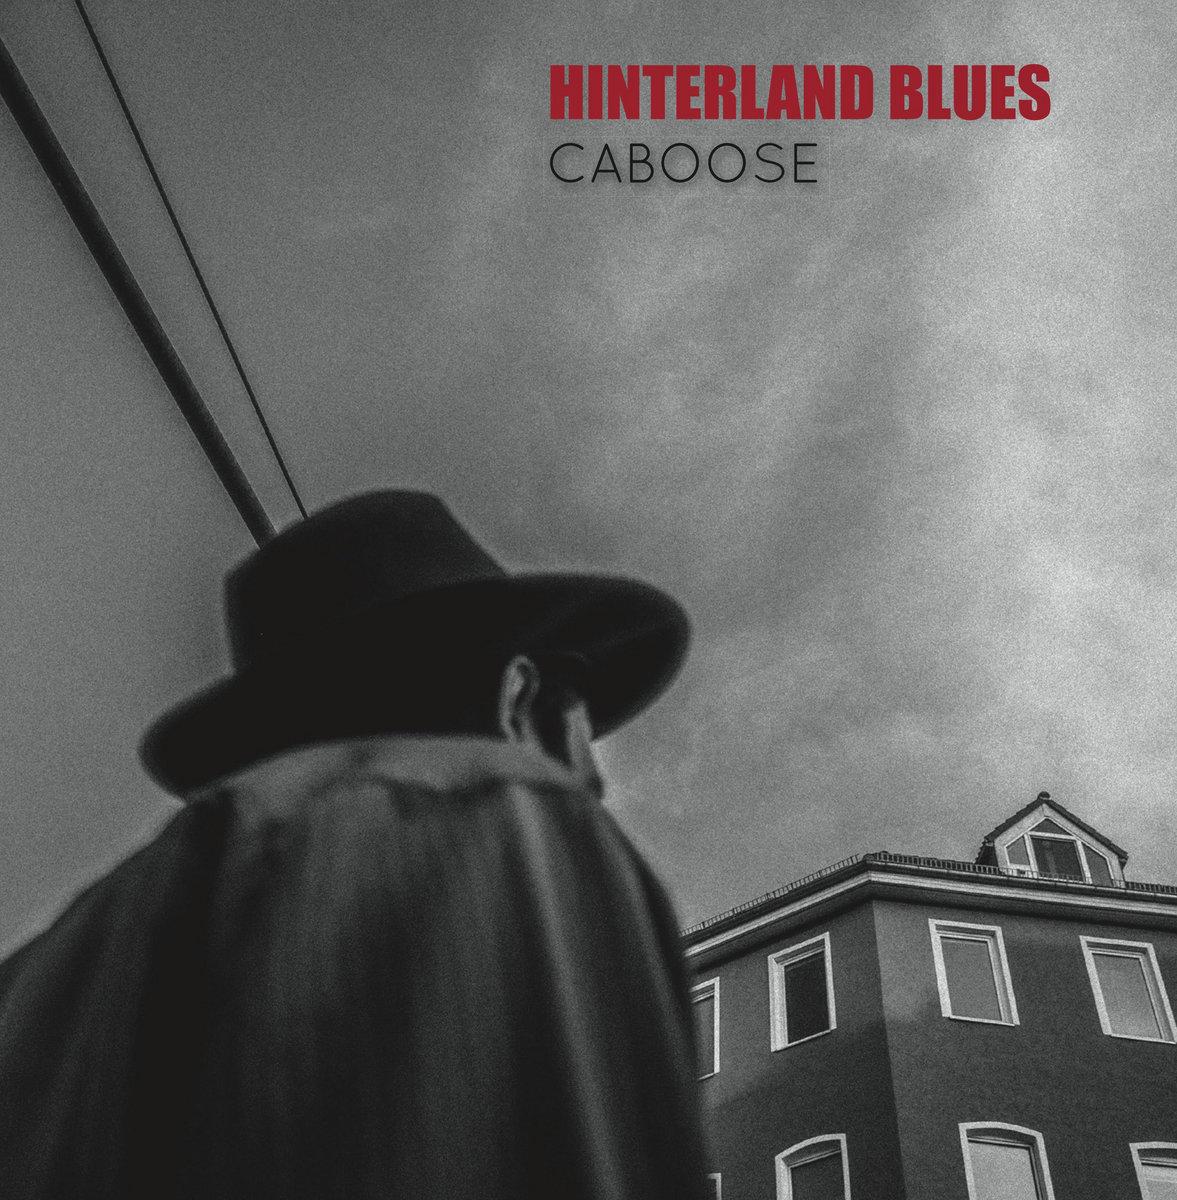 Risultati immagini per caboose hinterland blues